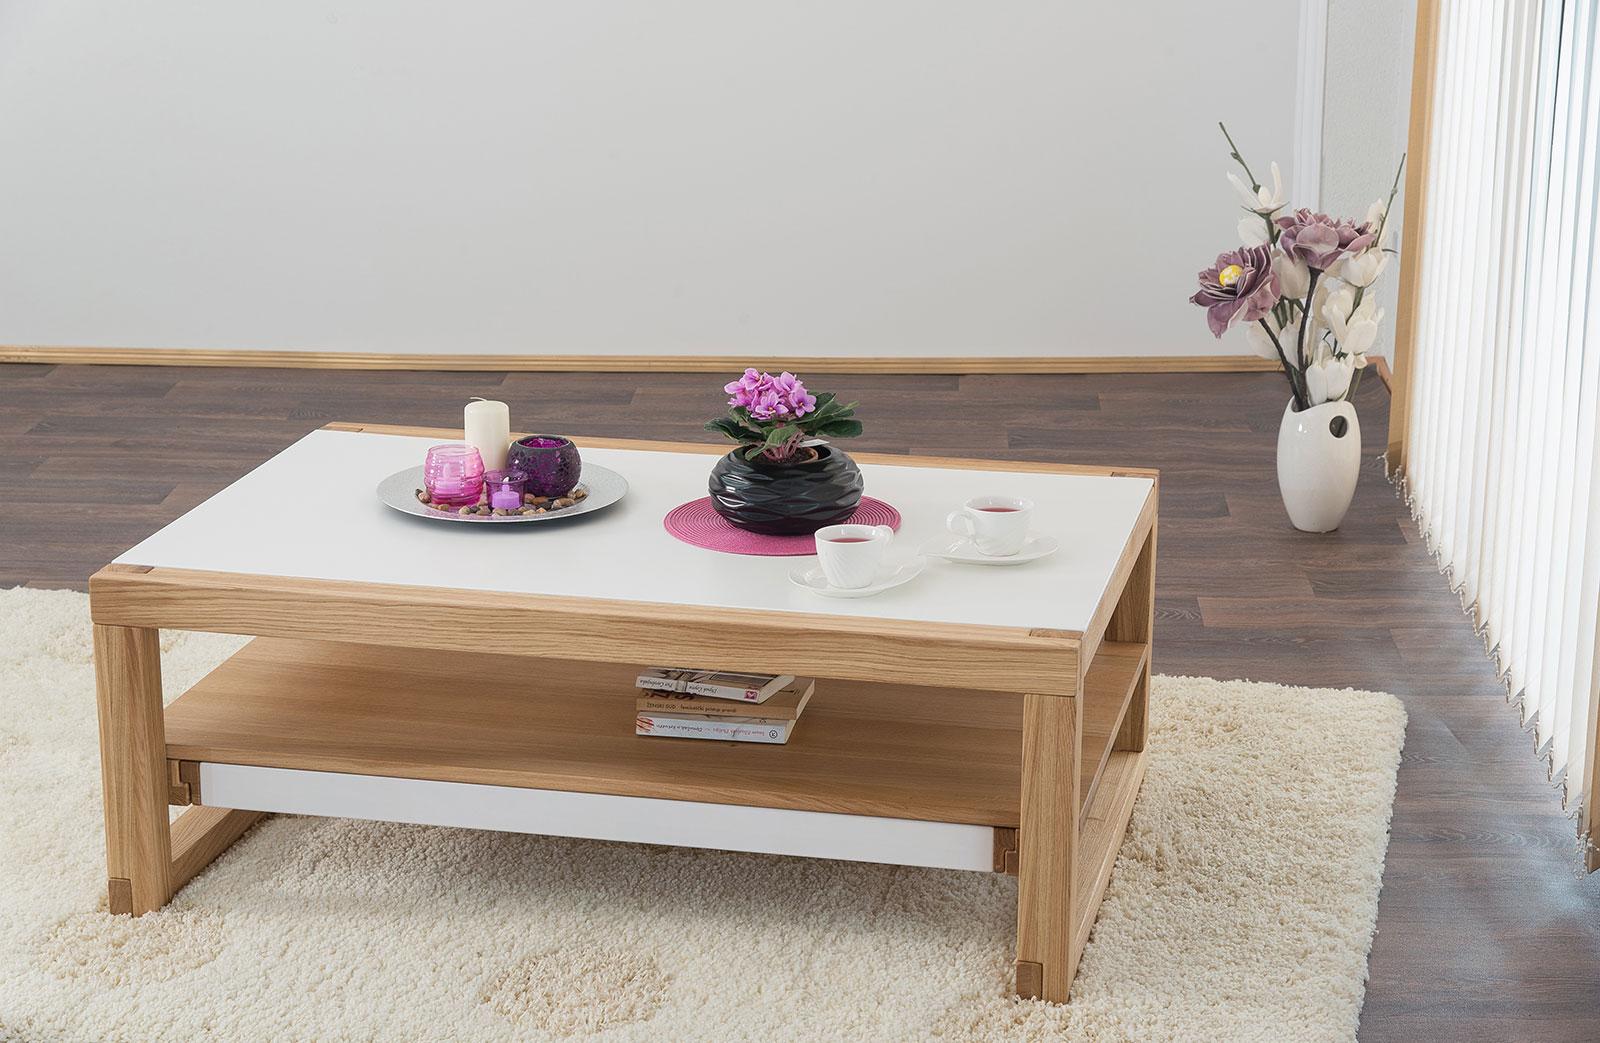 couchtisch ct080s dico m bel einer der f hrenden anbieter von betten. Black Bedroom Furniture Sets. Home Design Ideas